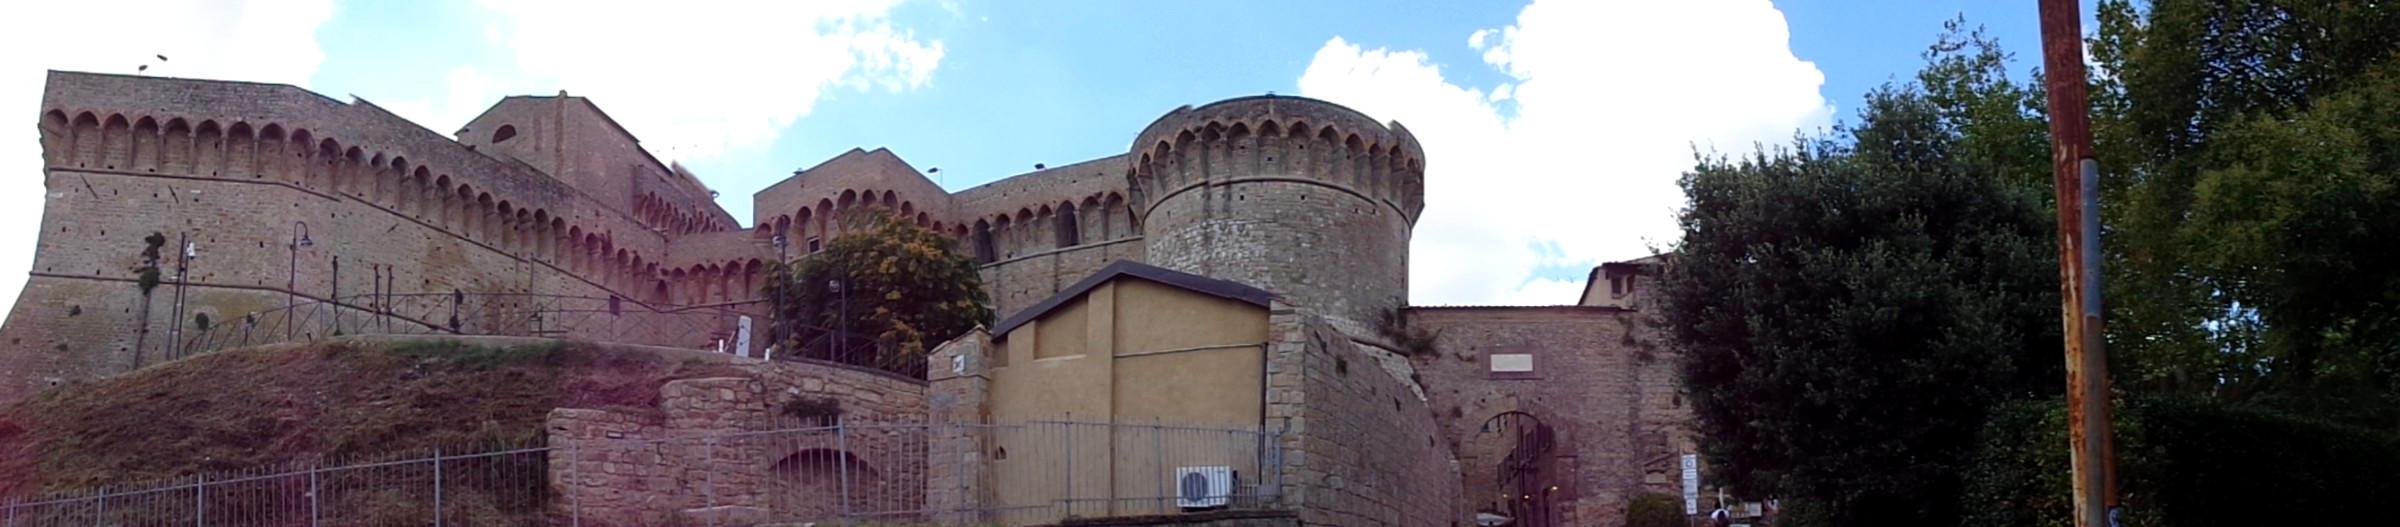 Затворът на Волтера